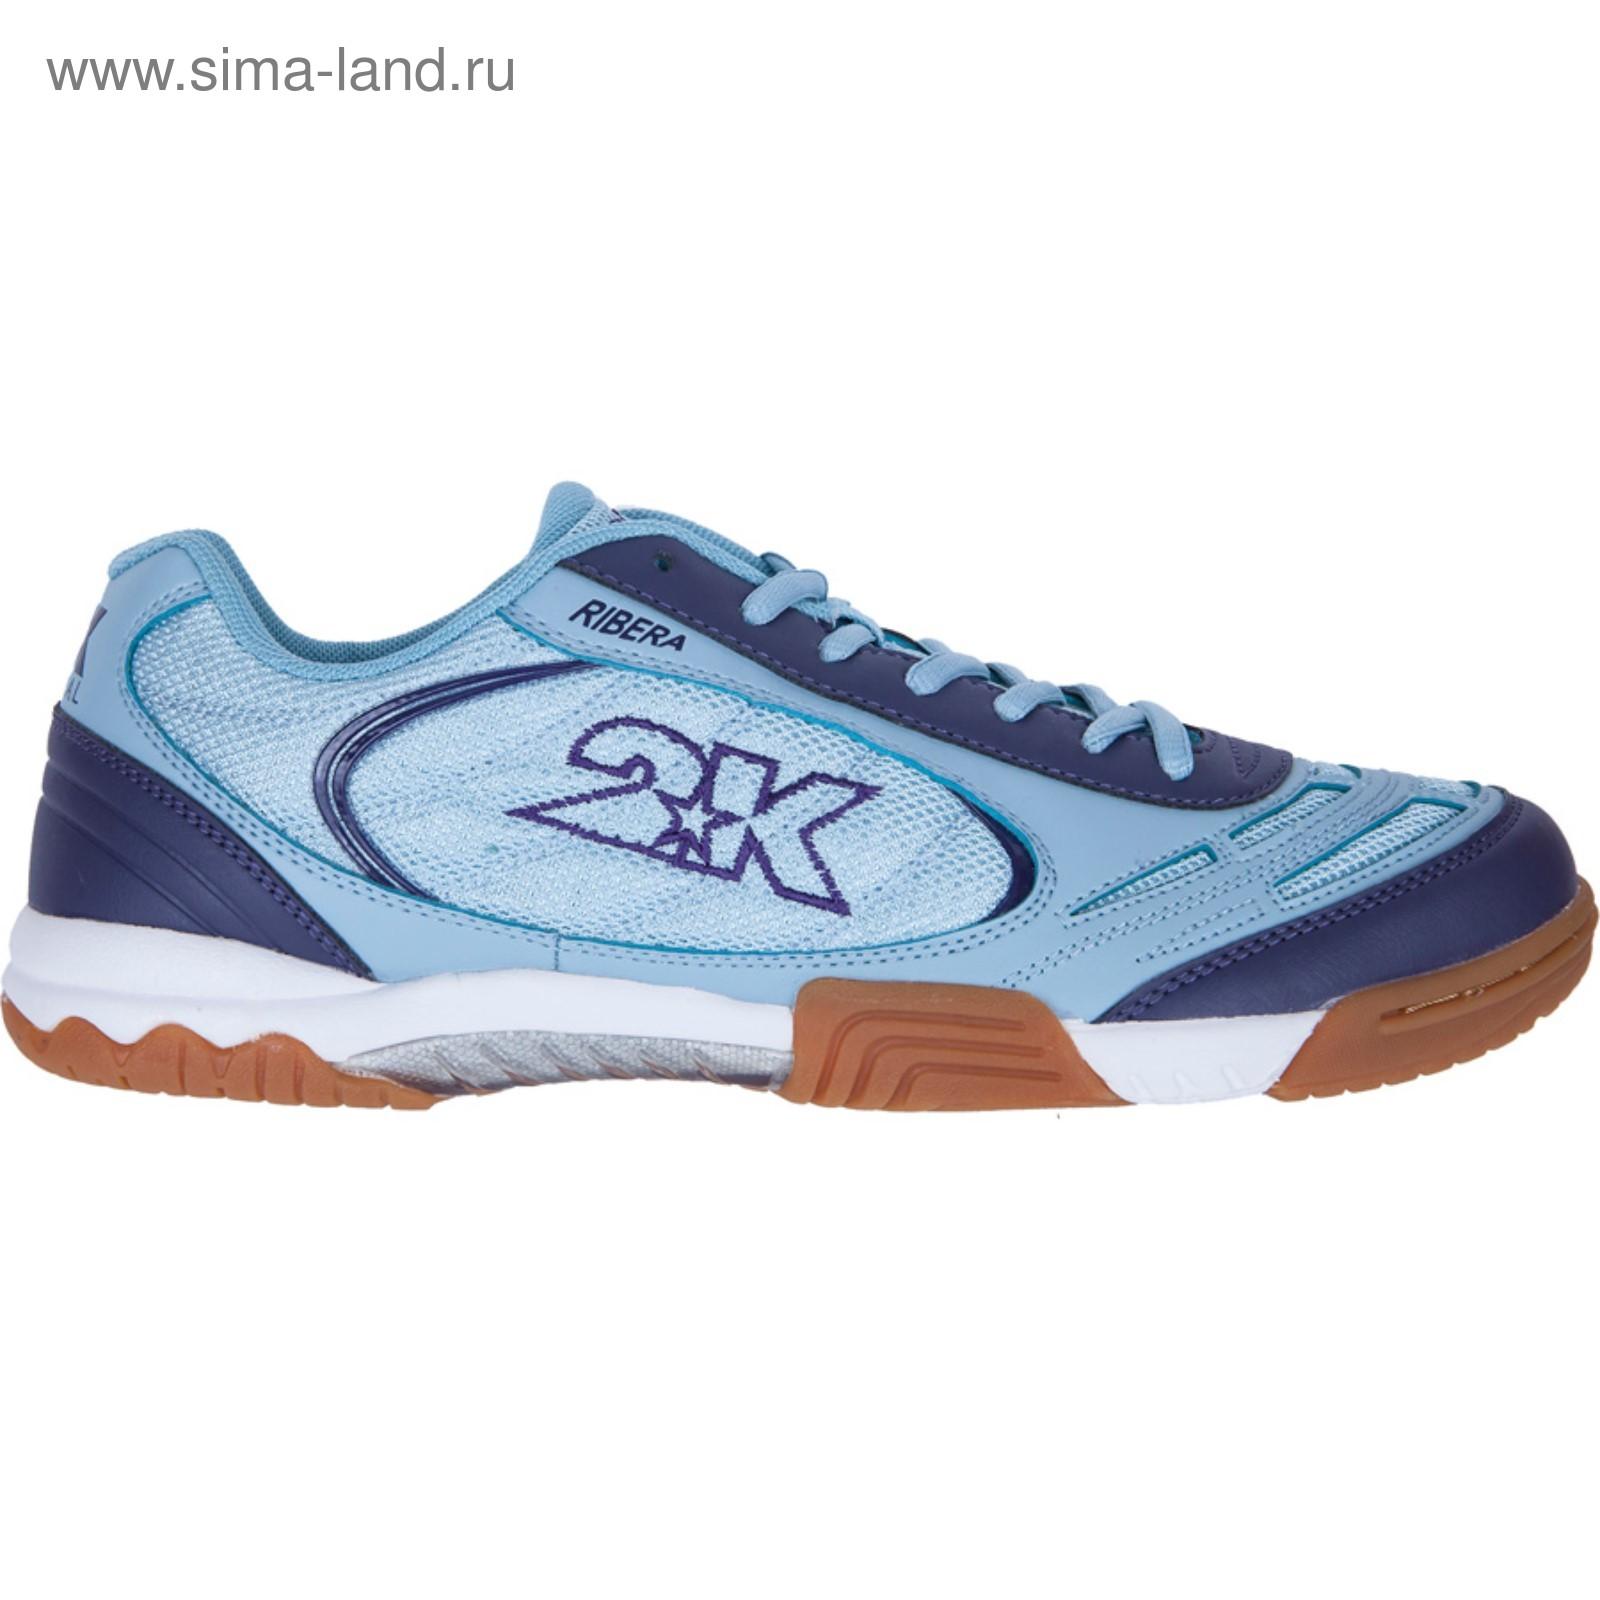 7c223e4c Кеды 2K Sport Ribera, sky-blue/navy, размер 42 (3280194) - Купить по ...